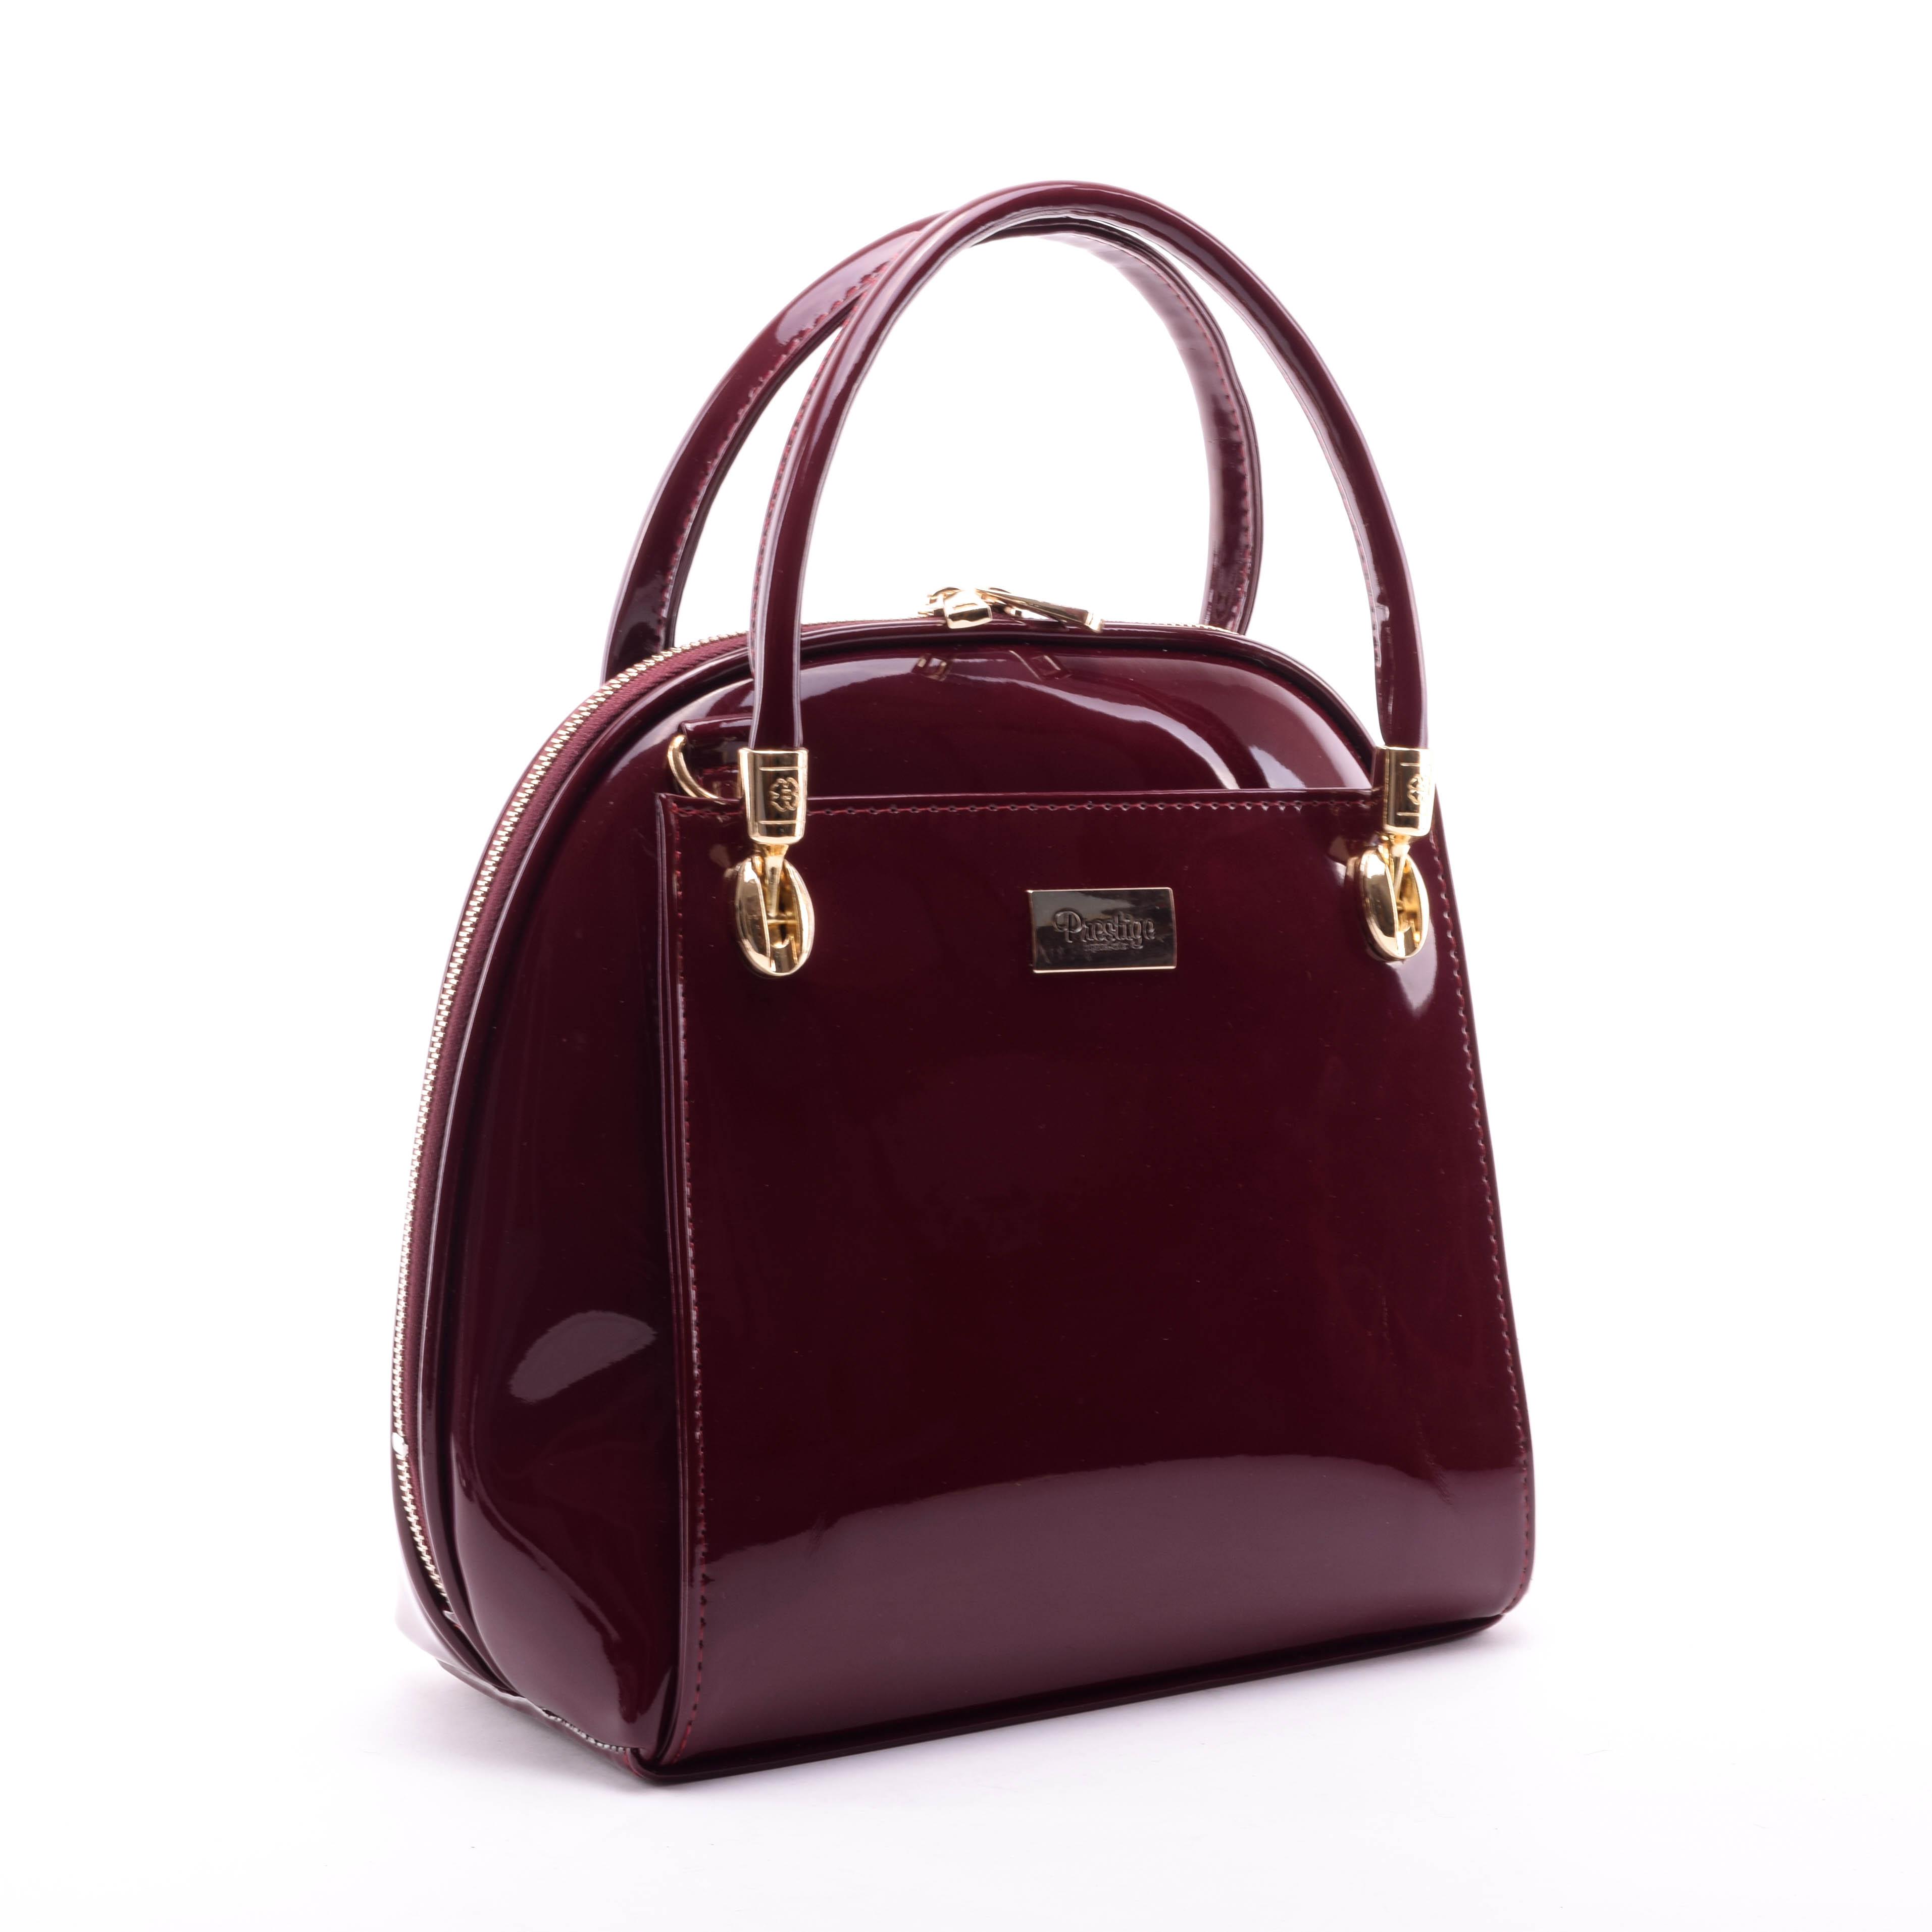 Prestige Női Lakk Kézitáska Bordó - Kézitáskák - Táska webáruház - Minőségi  táskák mindenkinek 7551d5c30e